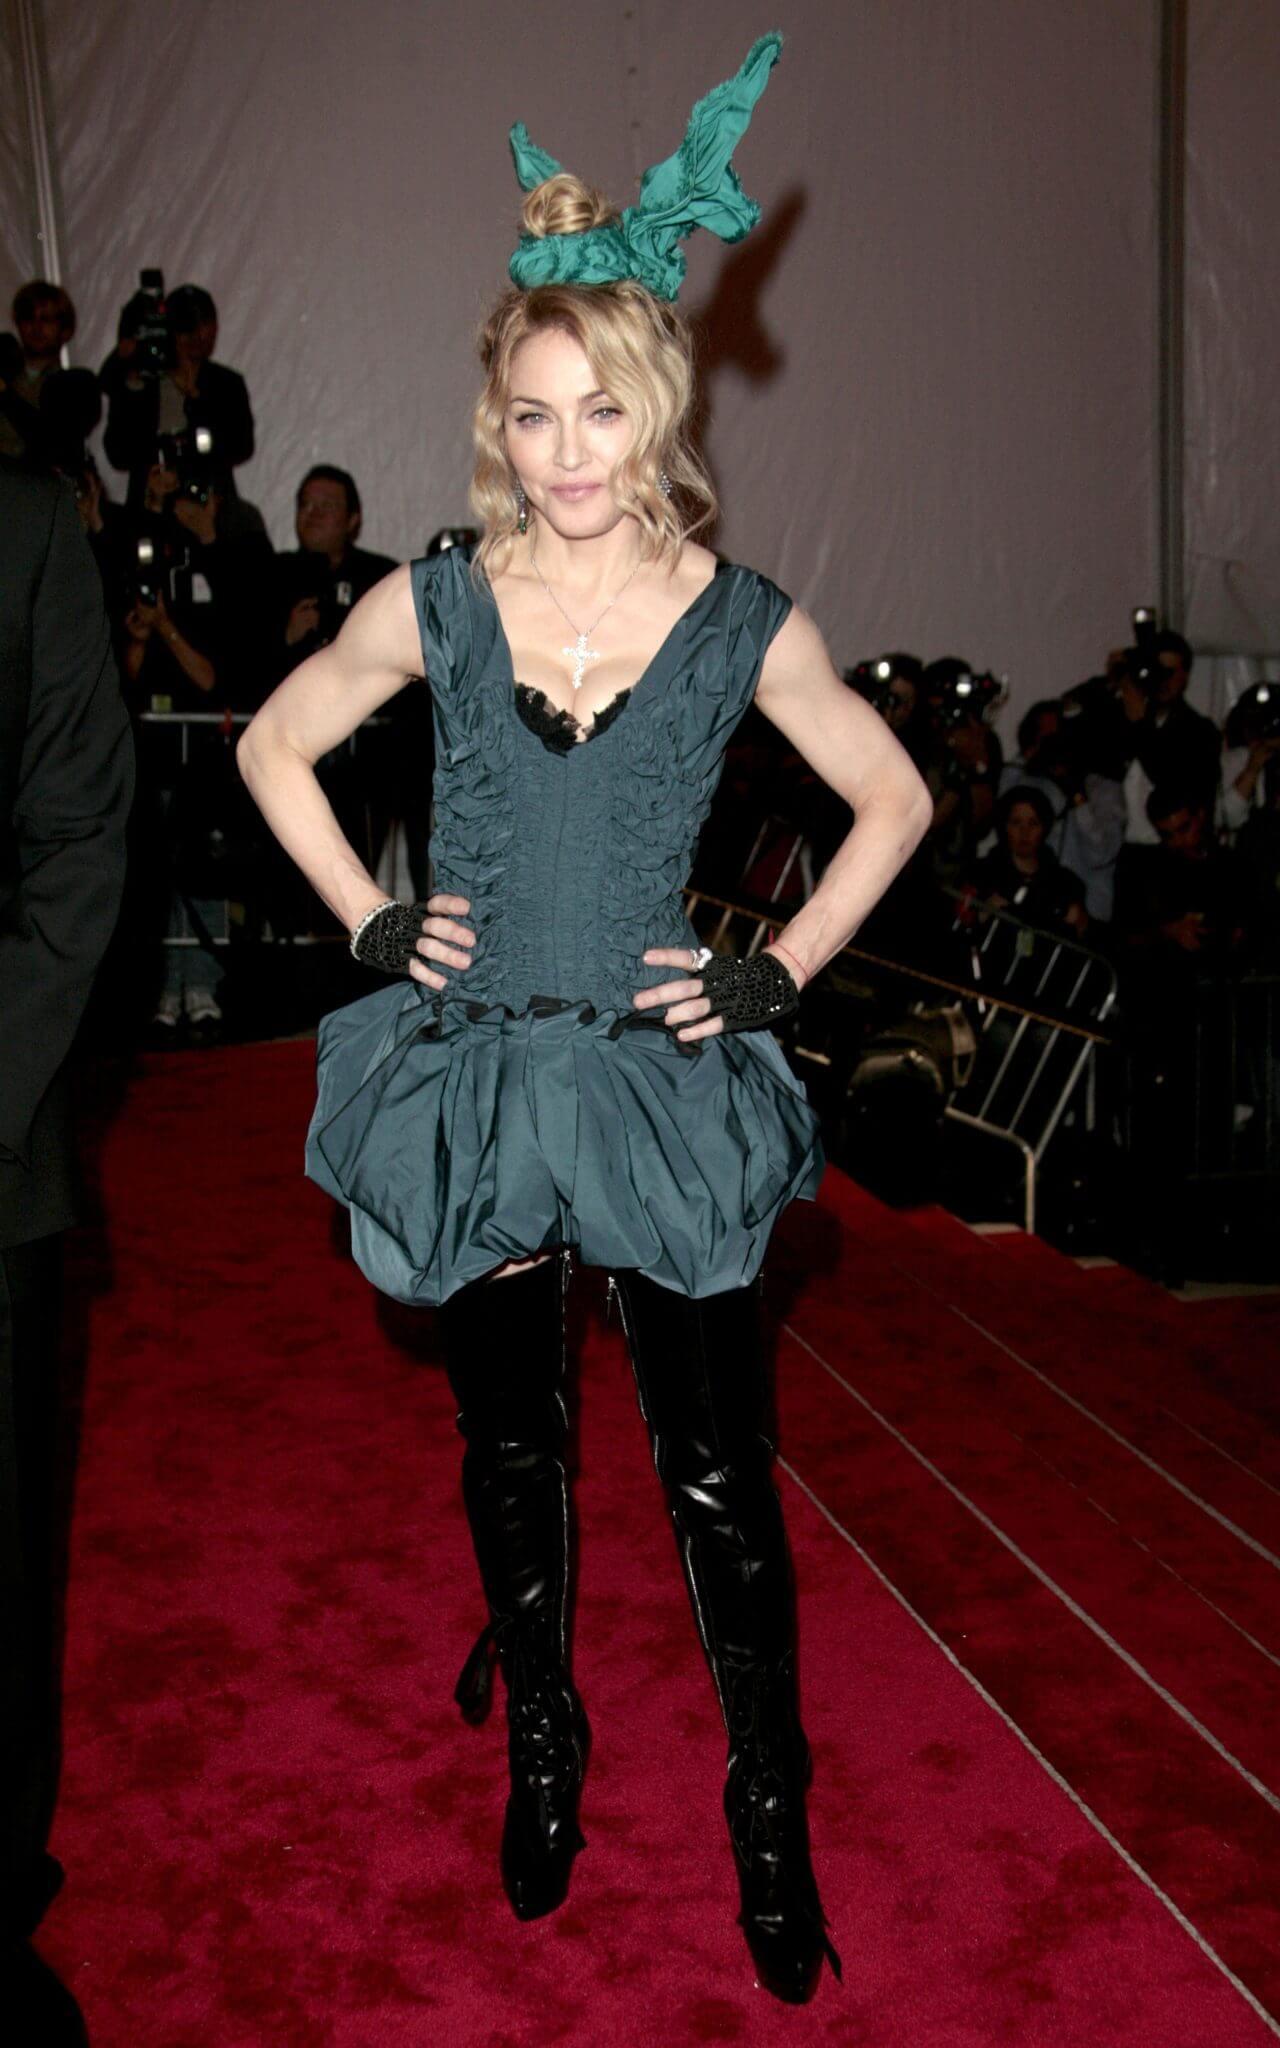 Madonna en la Met Gala 2009. Fotografía: Kevin Winter/Getty Images